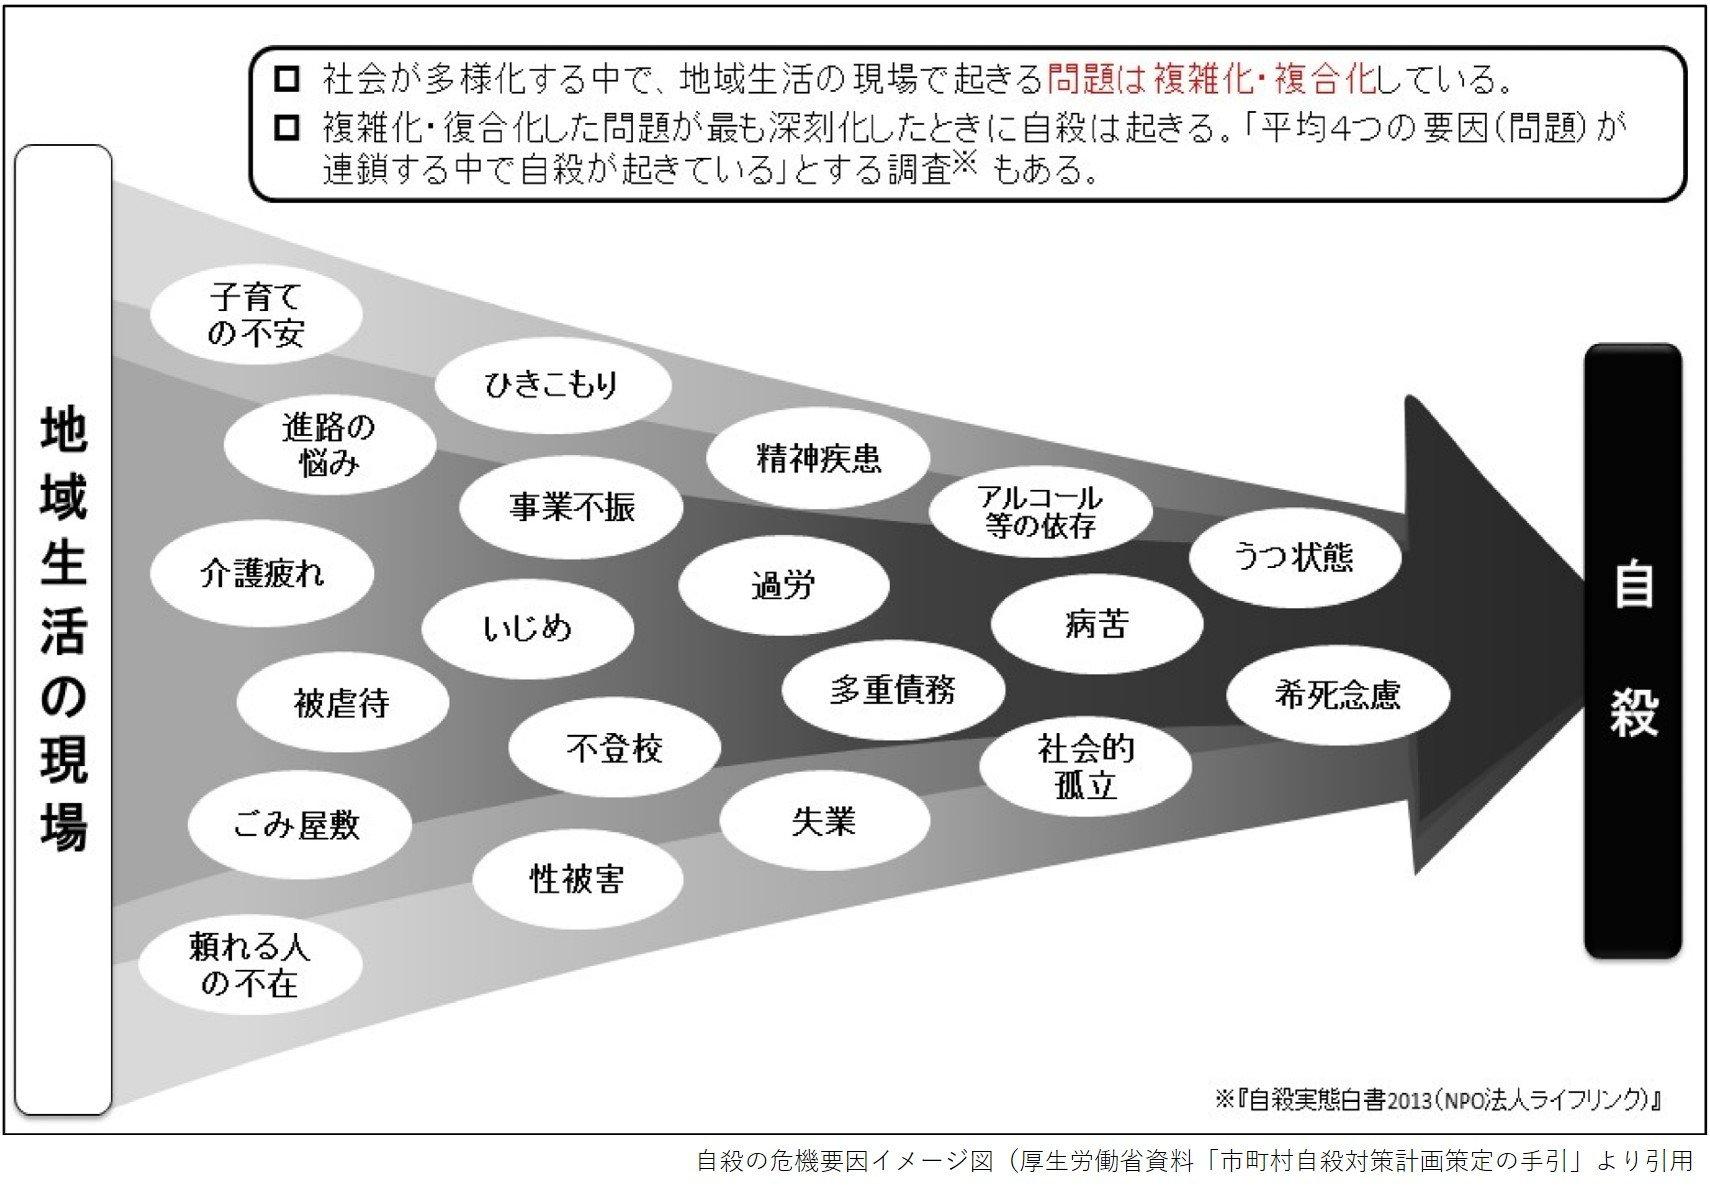 ②「自殺対策とは」自殺の危機要因イメージ図+.jpg